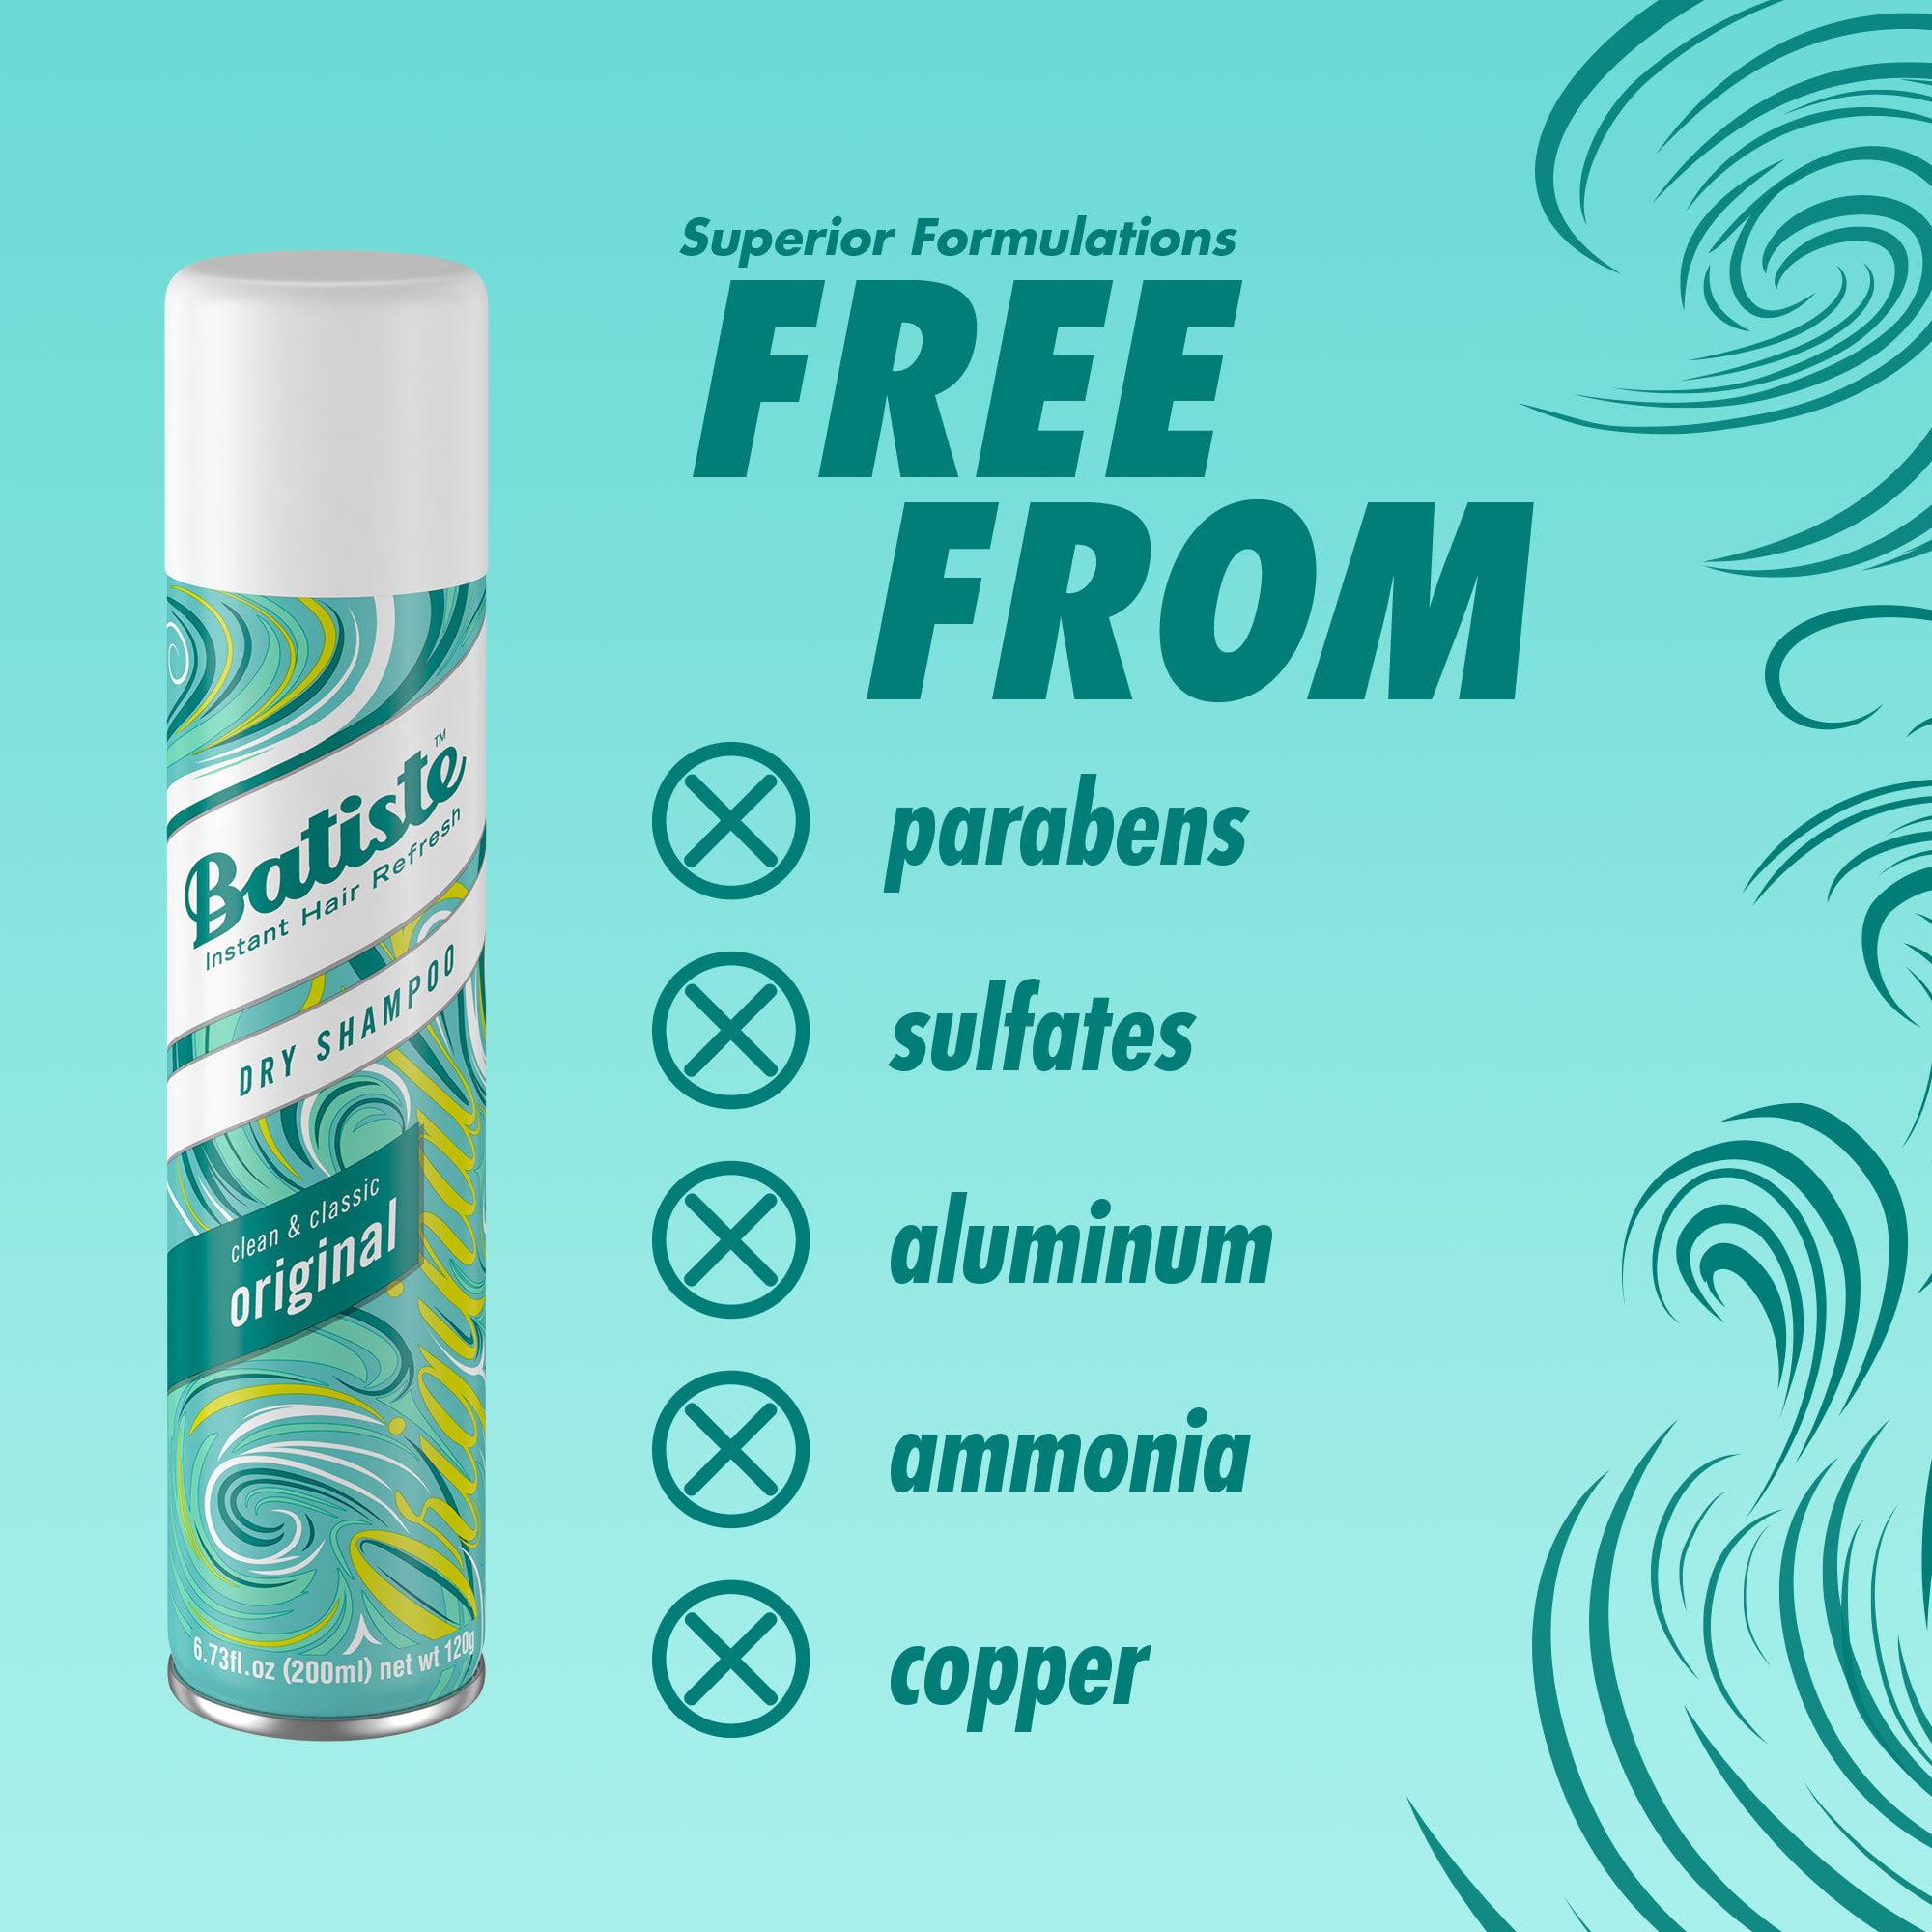 Batiste Dry Shampoo Original 13 46 Fl Oz Walmart Com Walmart Com